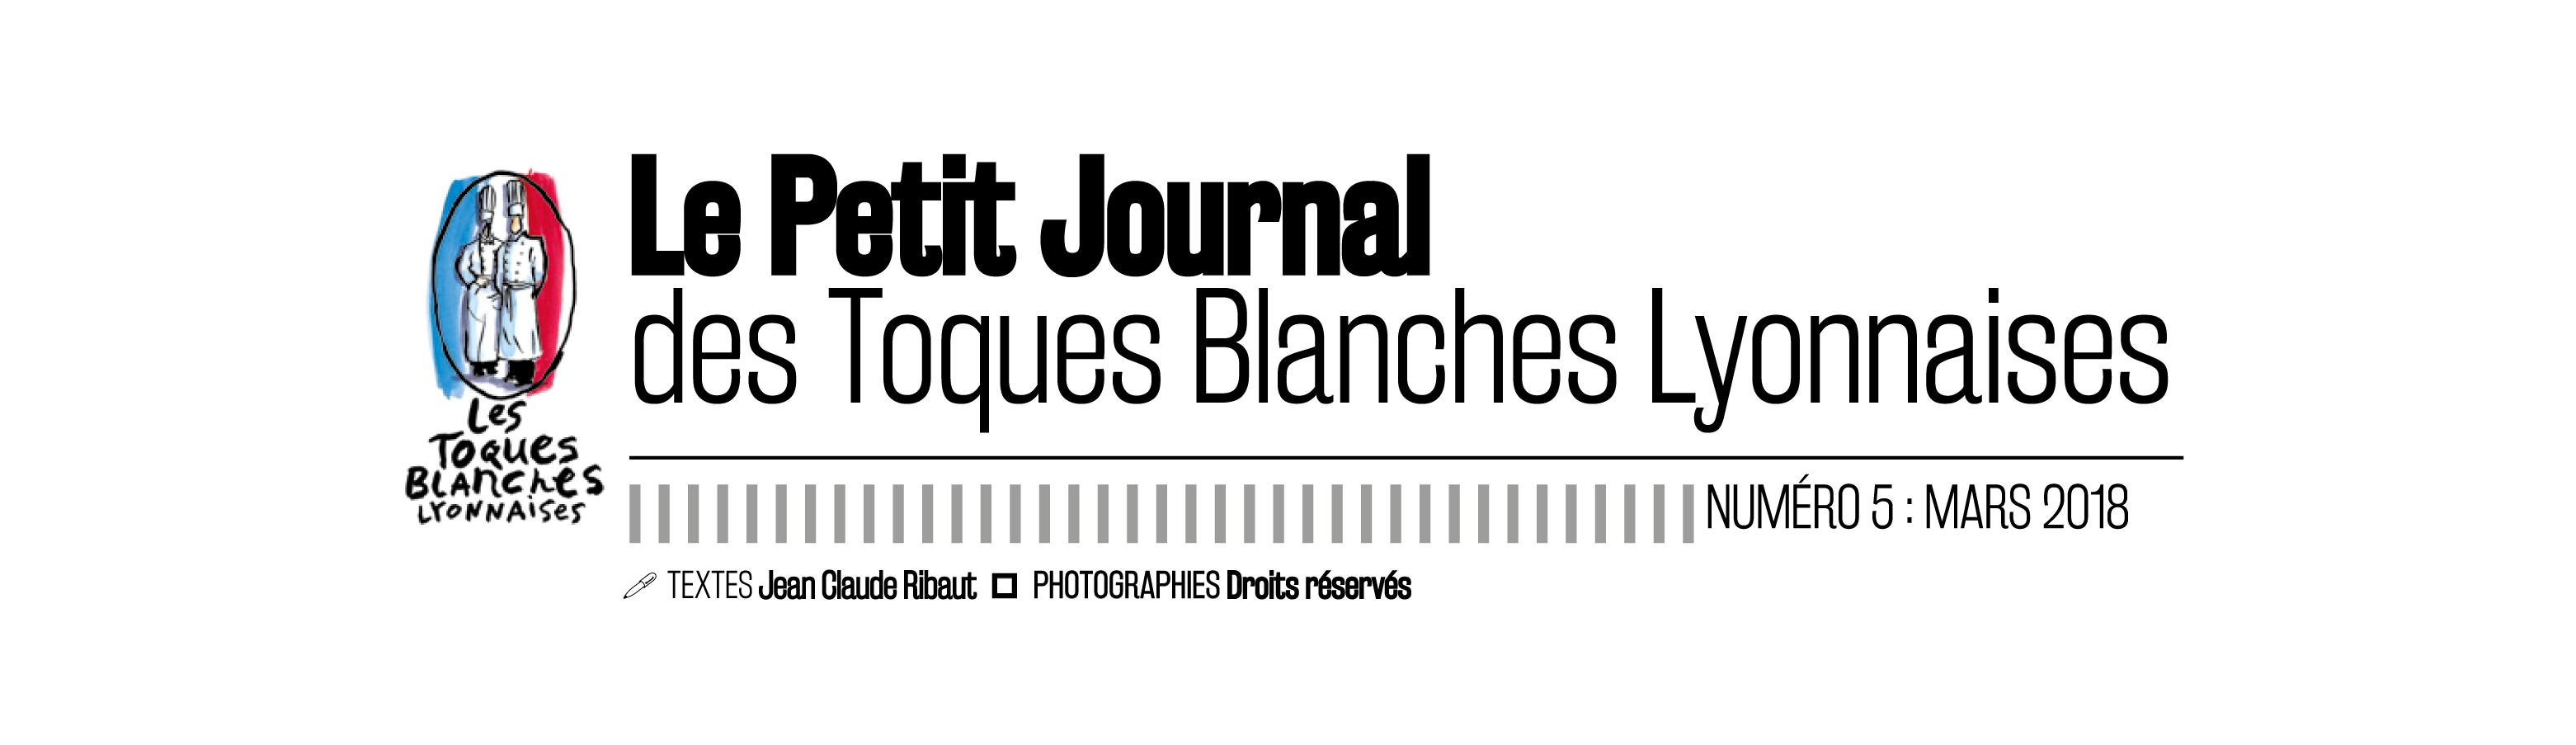 Le Petit Journal des Toques Blanches Lyonnaises n°6